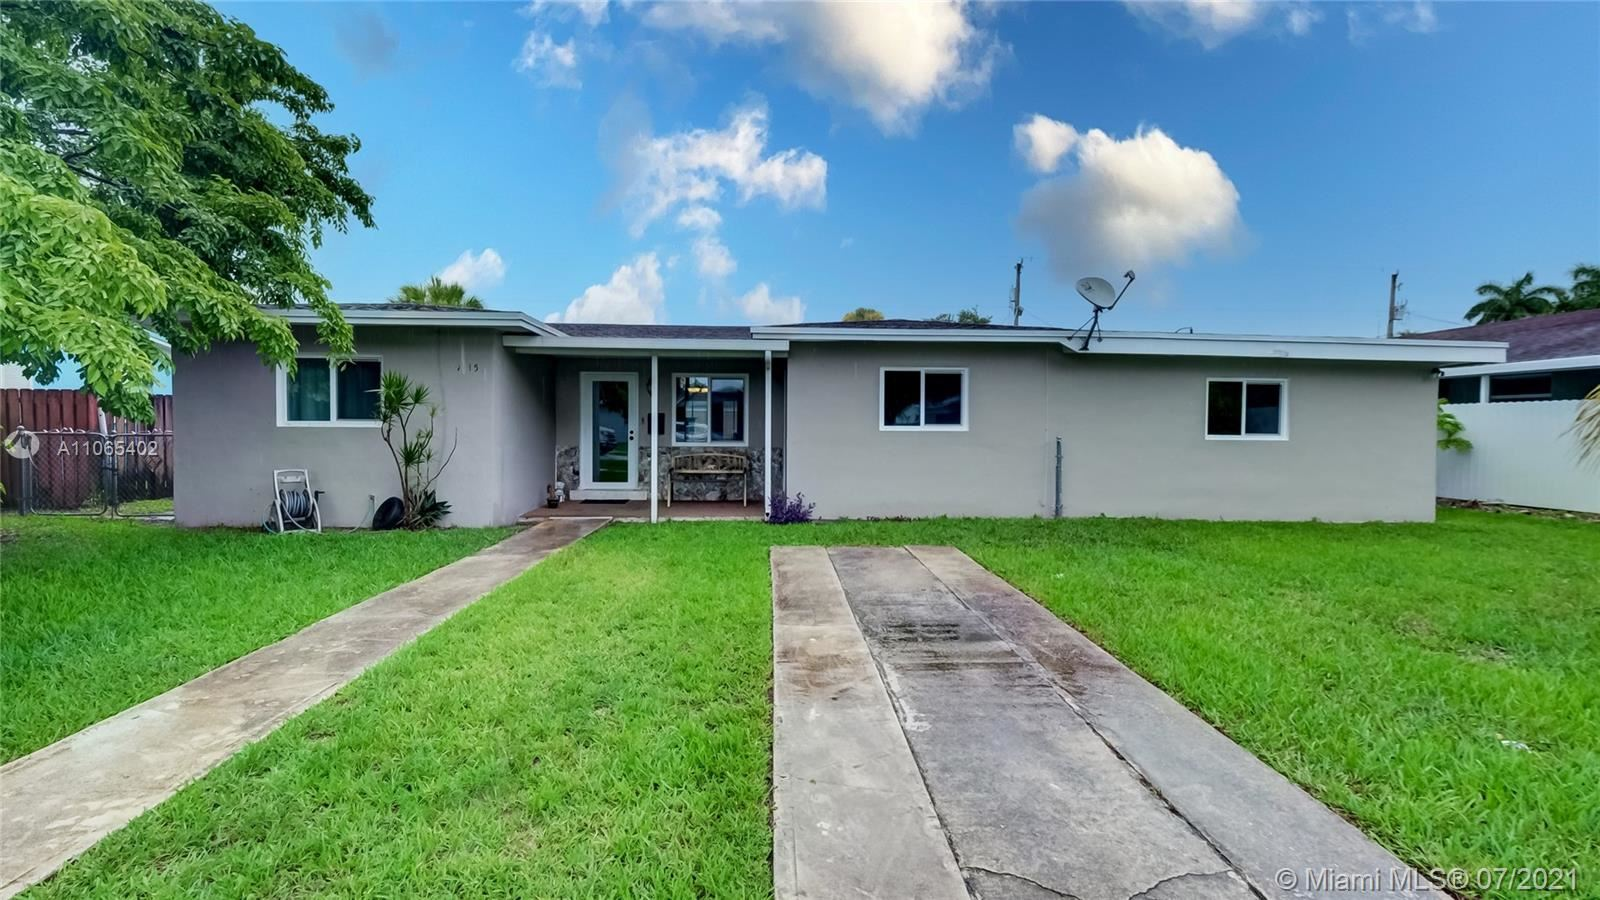 19345 Franjo Rd, Cutler Bay, FL 33157 - #: A11065402